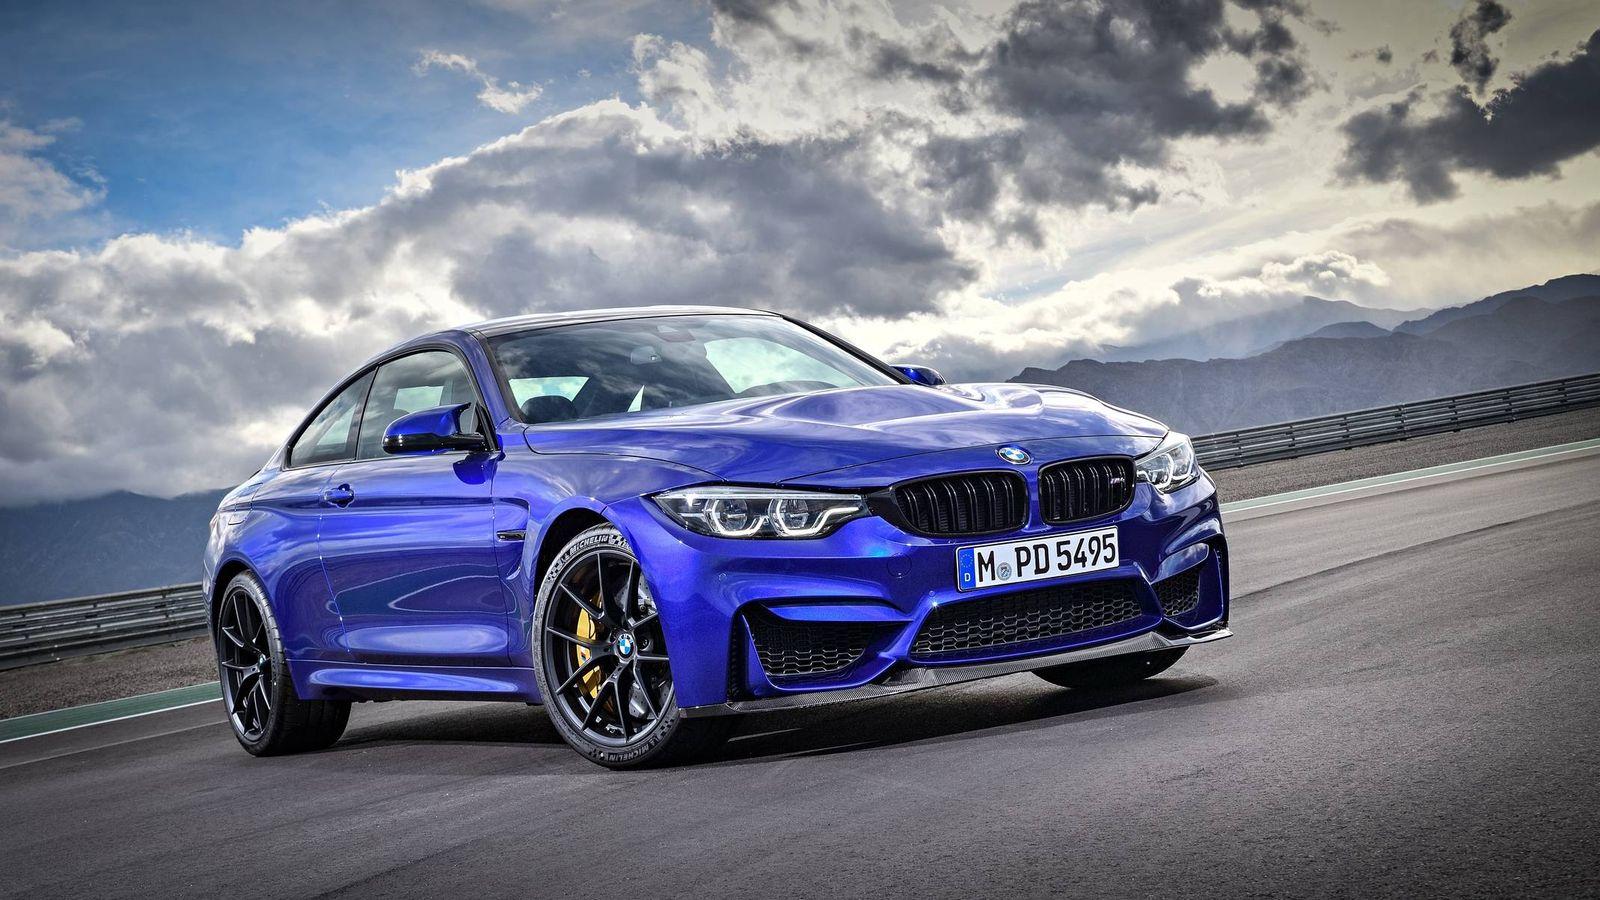 Foto: Nuevo BMW M4 CS, entre el deportivo M4 y el radical M4 GTS